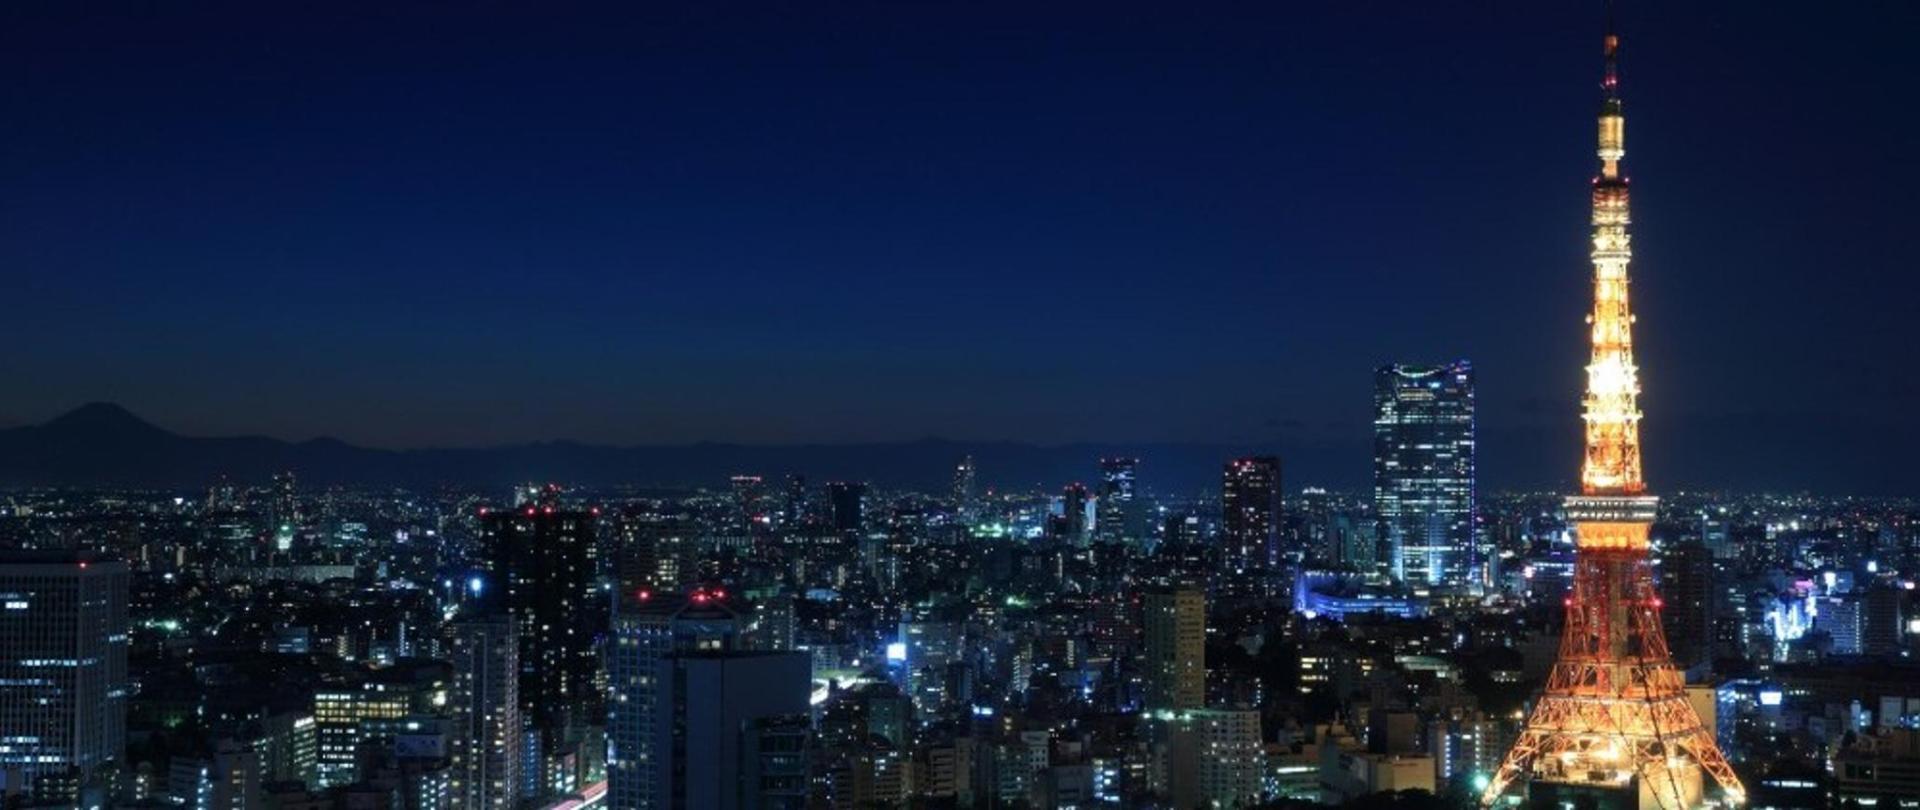 Tokyo Tower night view .jpg